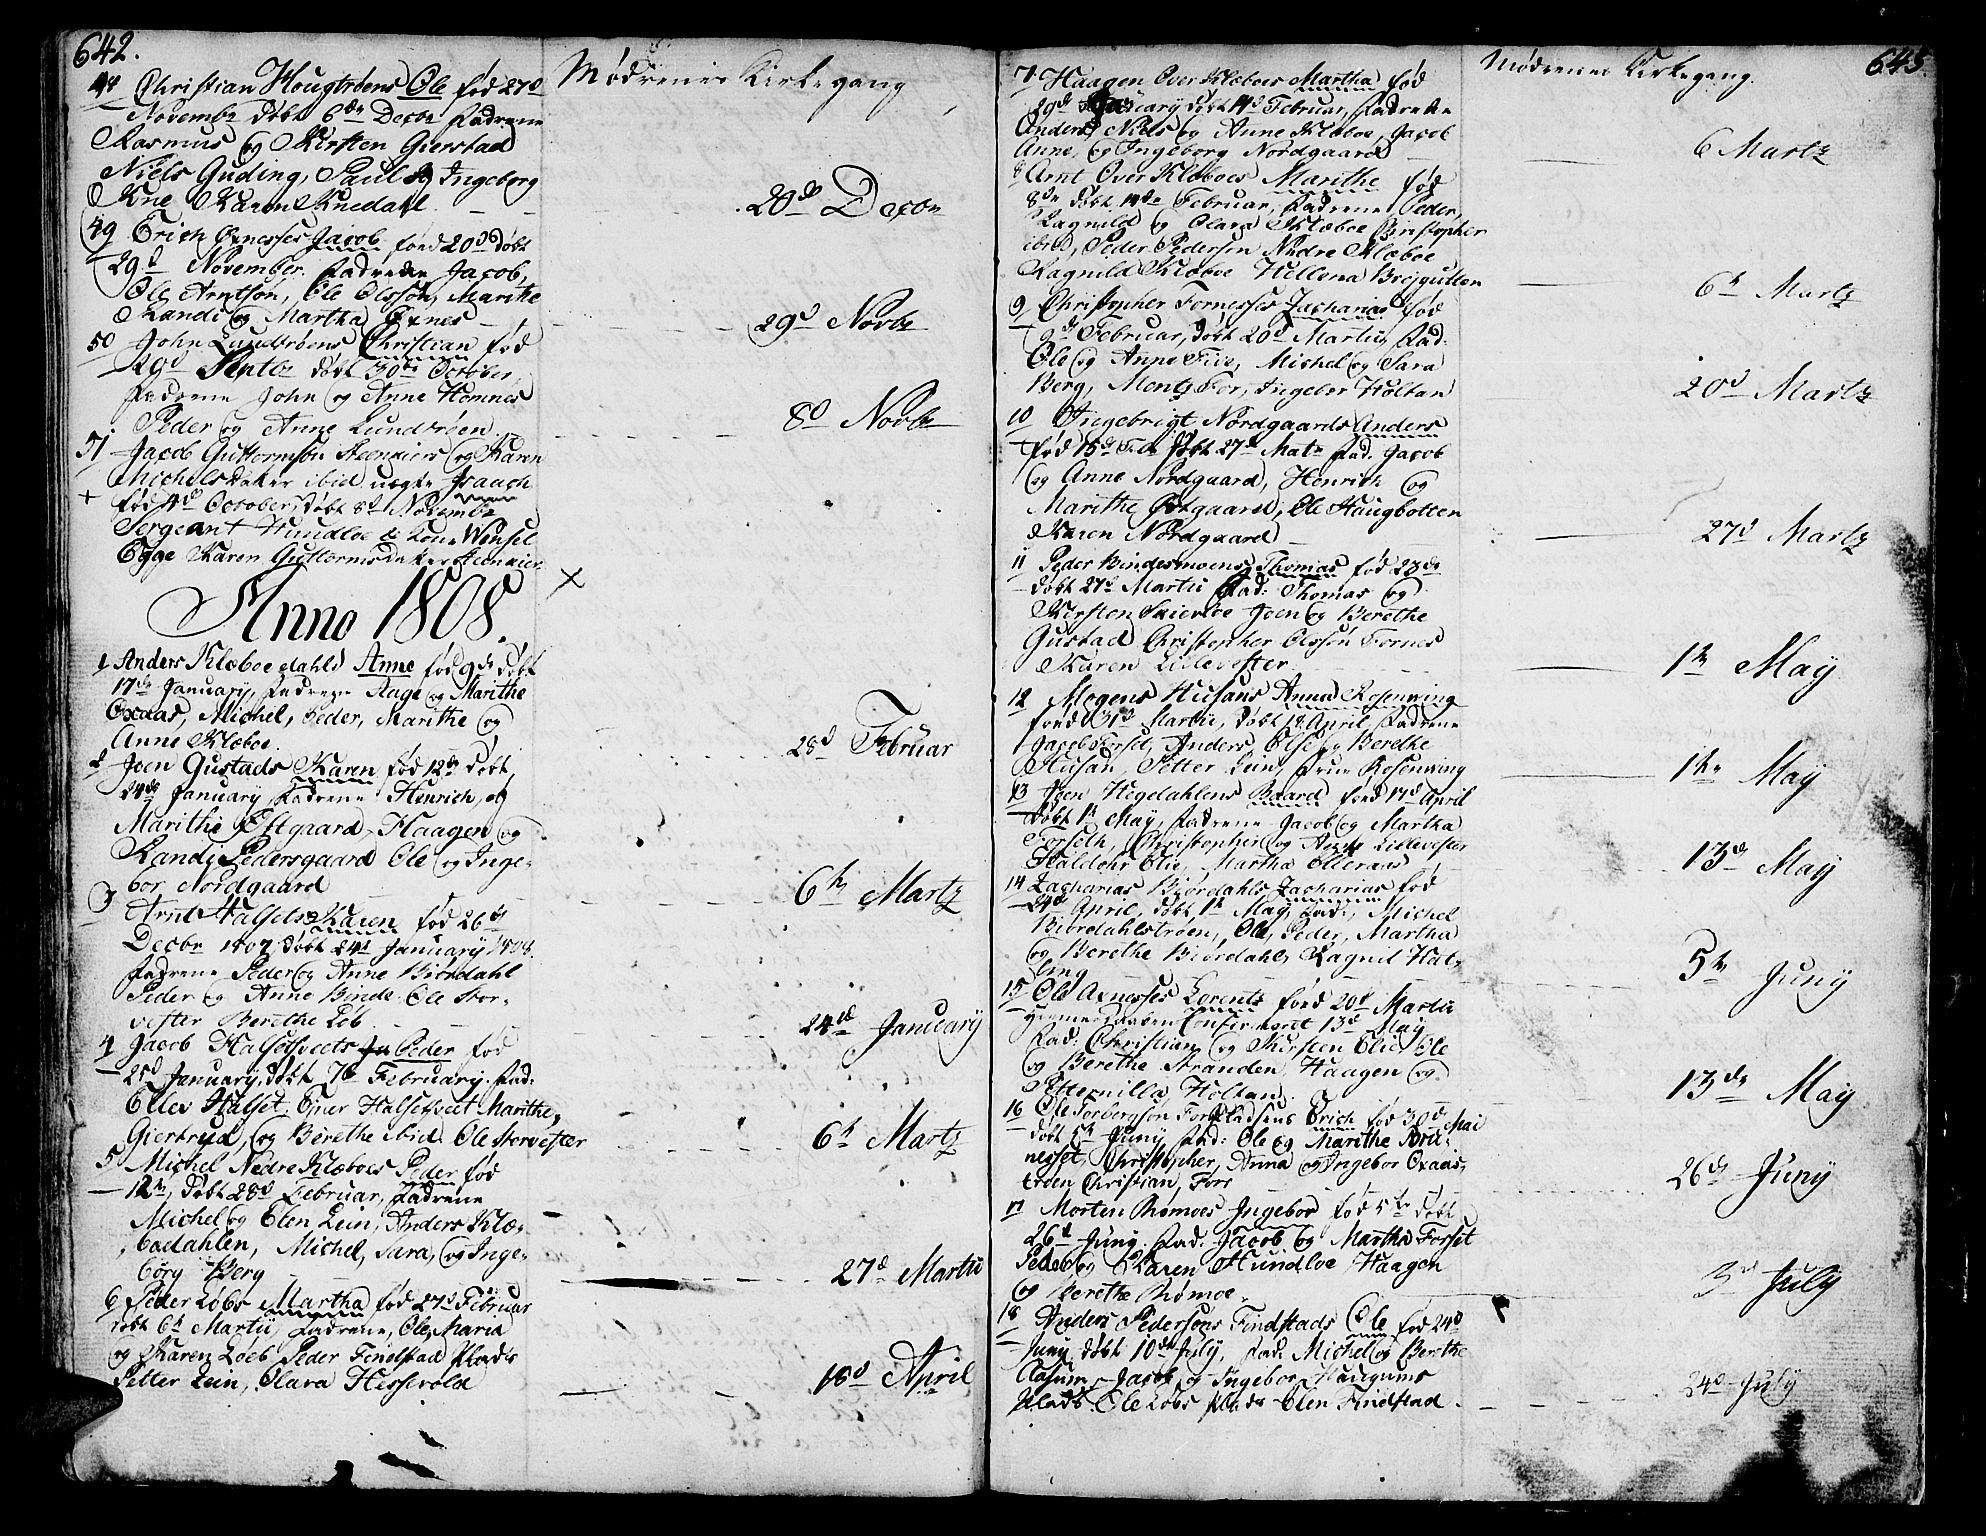 SAT, Ministerialprotokoller, klokkerbøker og fødselsregistre - Nord-Trøndelag, 746/L0440: Ministerialbok nr. 746A02, 1760-1815, s. 642-643